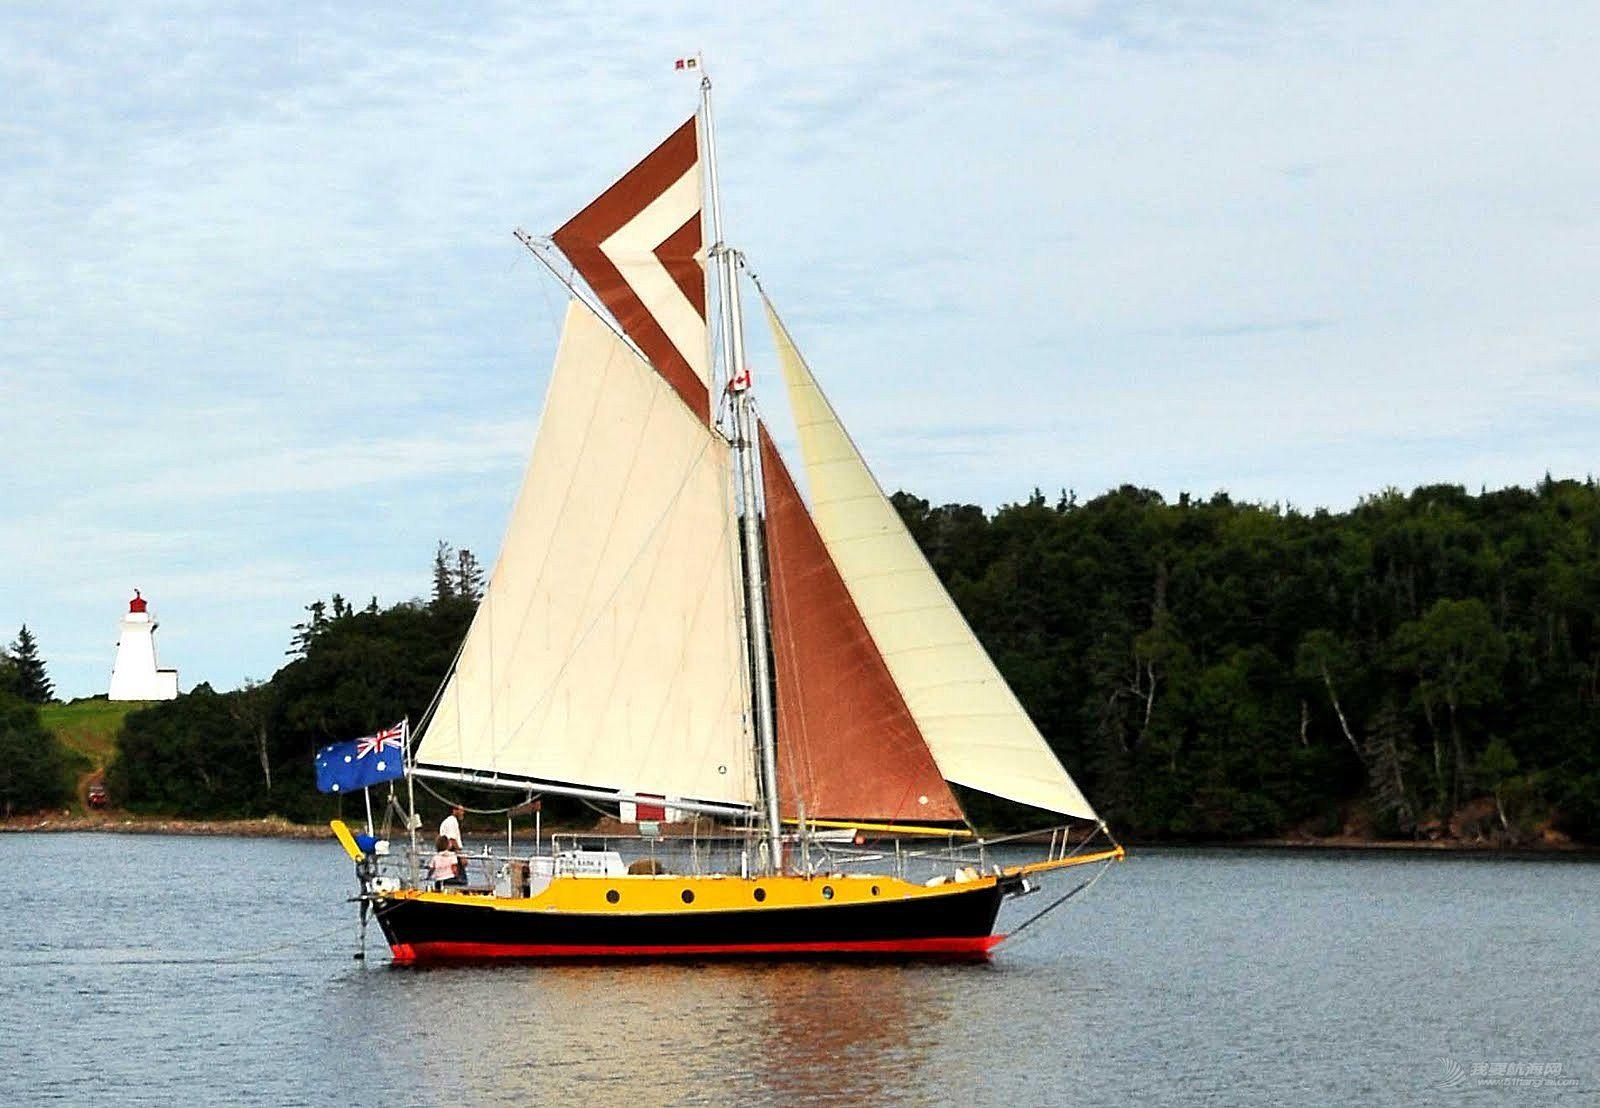 介绍一个经典船型 Benford Dory